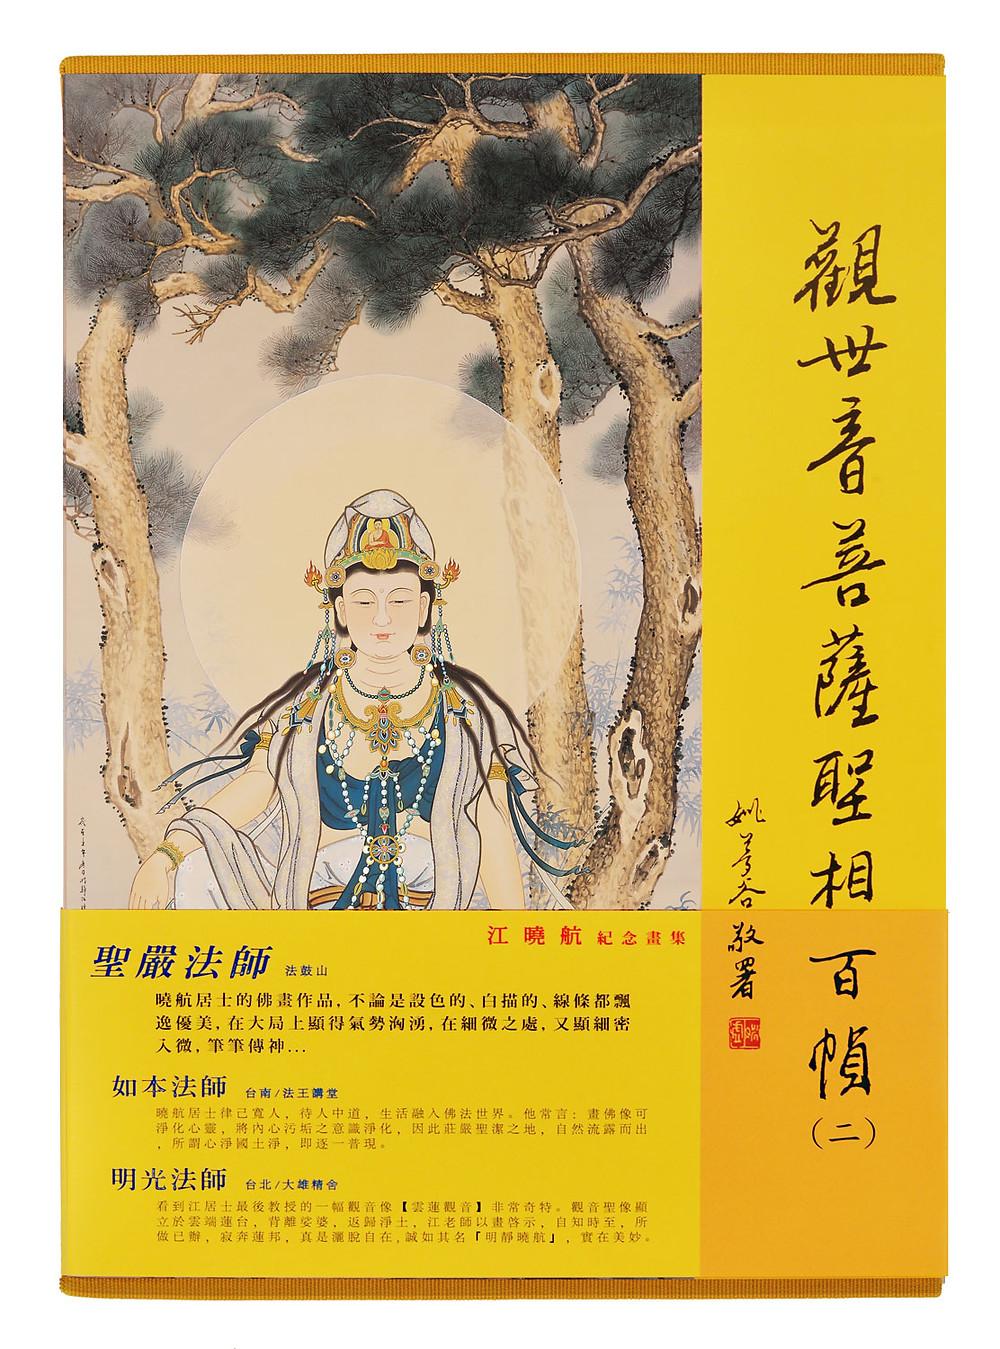 15-4江曉航.jpg